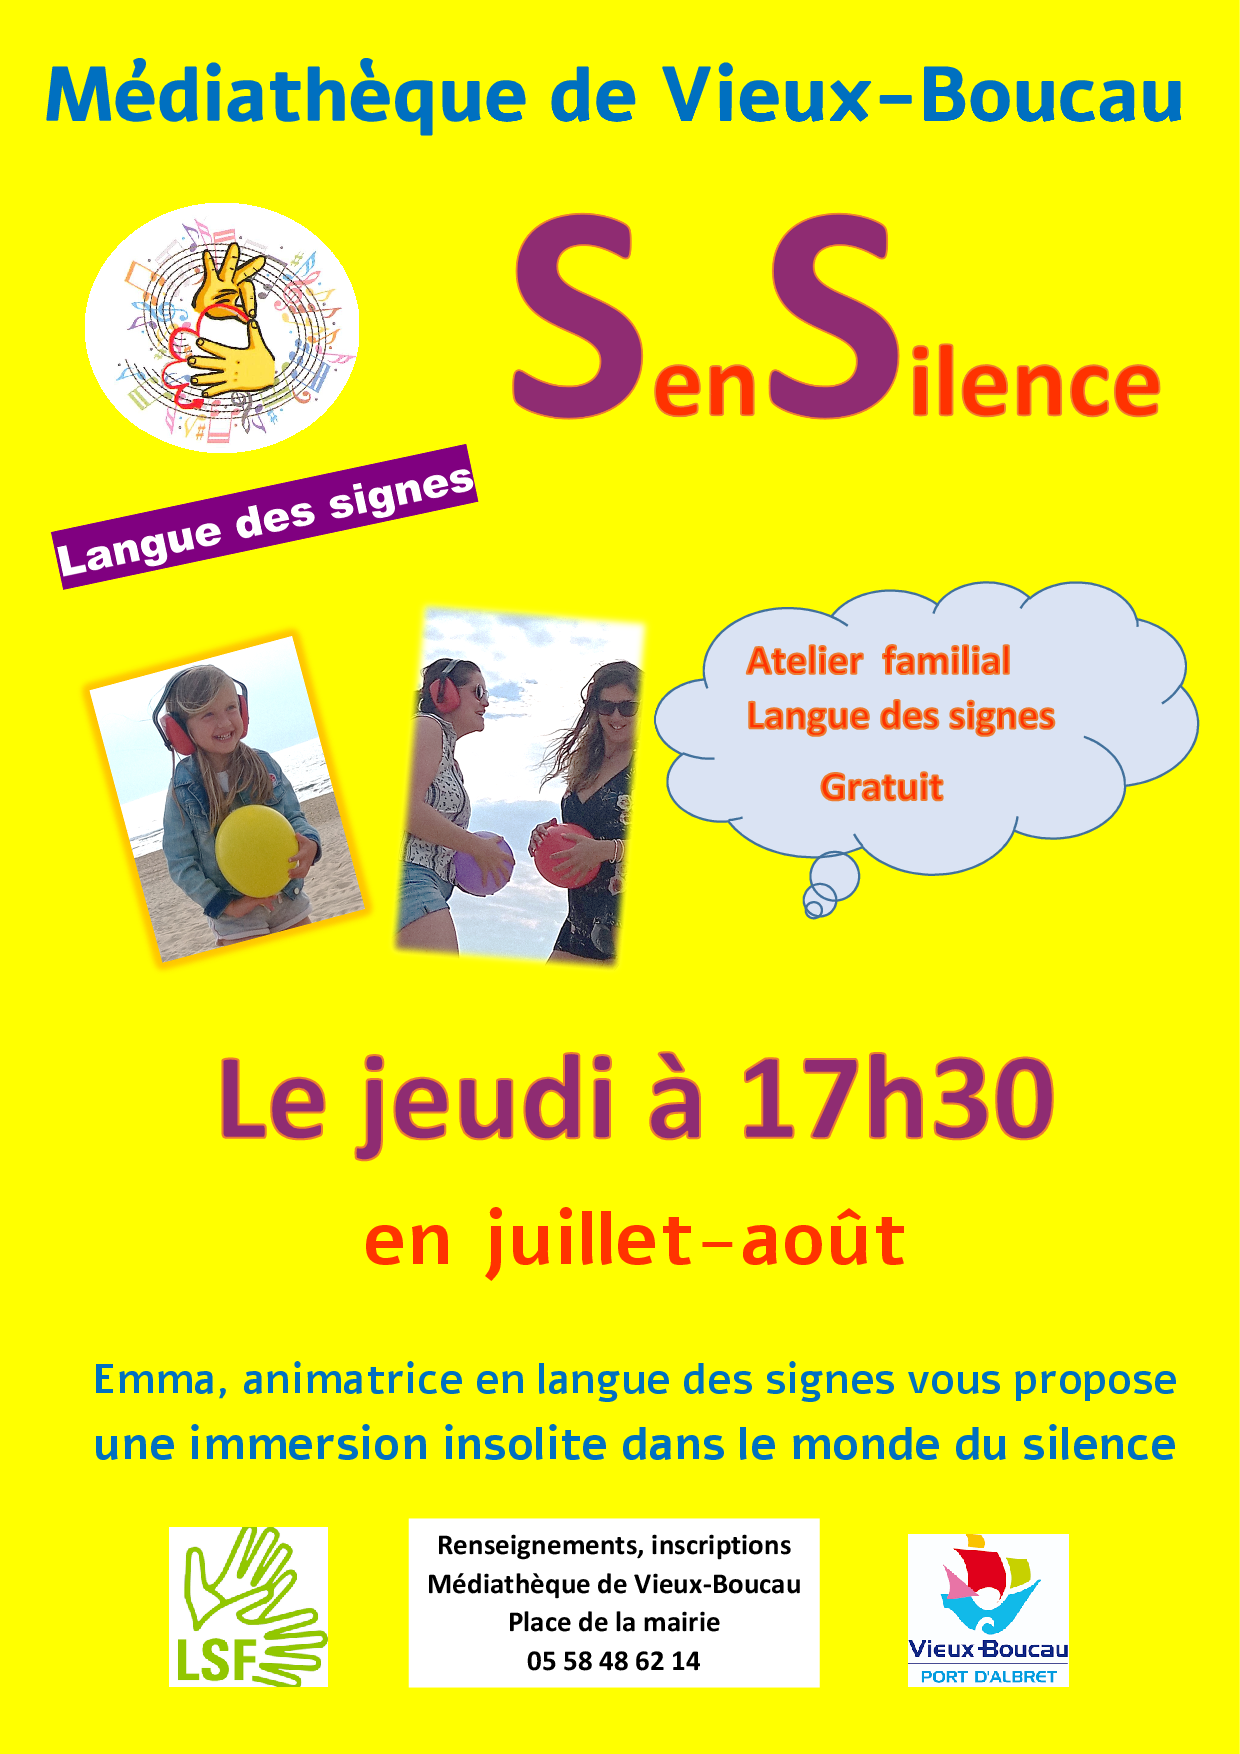 Atelier familial / Langue des signes Vieux-Boucau-les-Bains